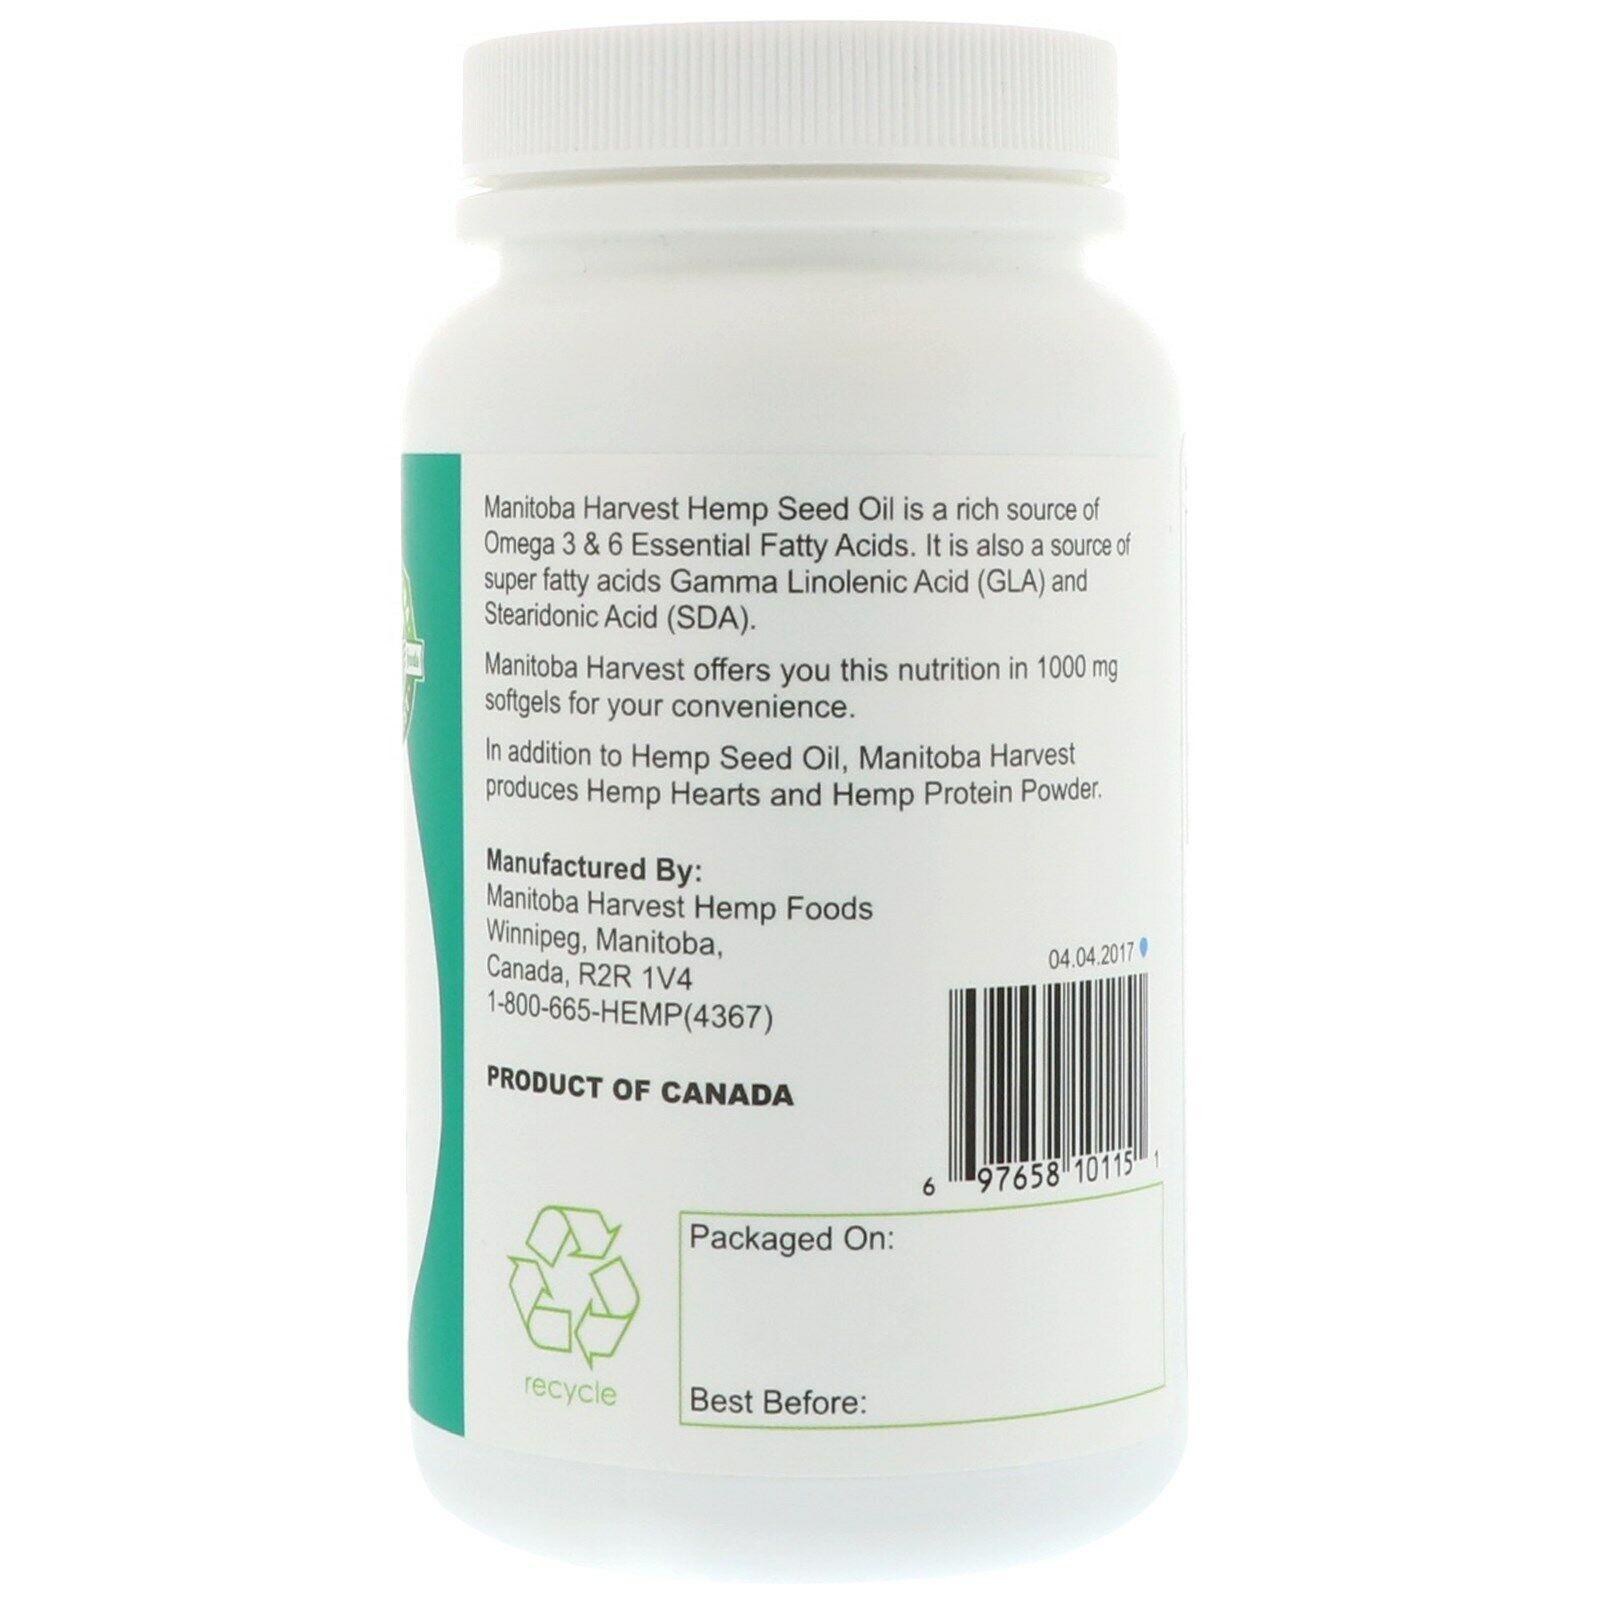 2 Pack's Manitoba Harvest Hemp Oil, 120 Softgel Capsules  720 mg Omega-3 & 6 3